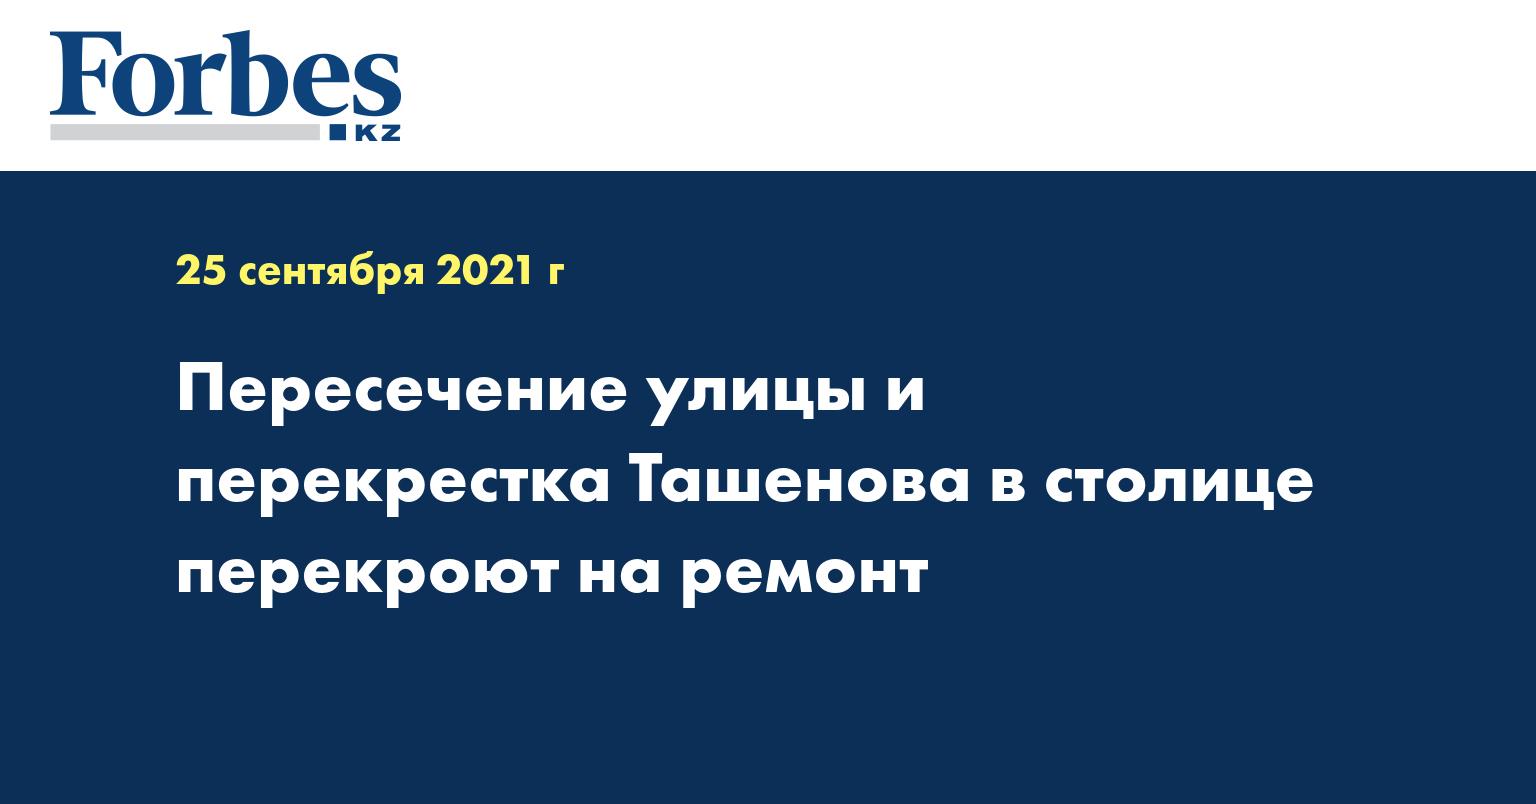 Пересечение улицы и перекрестка Ташенова в столице перекроют на ремонт